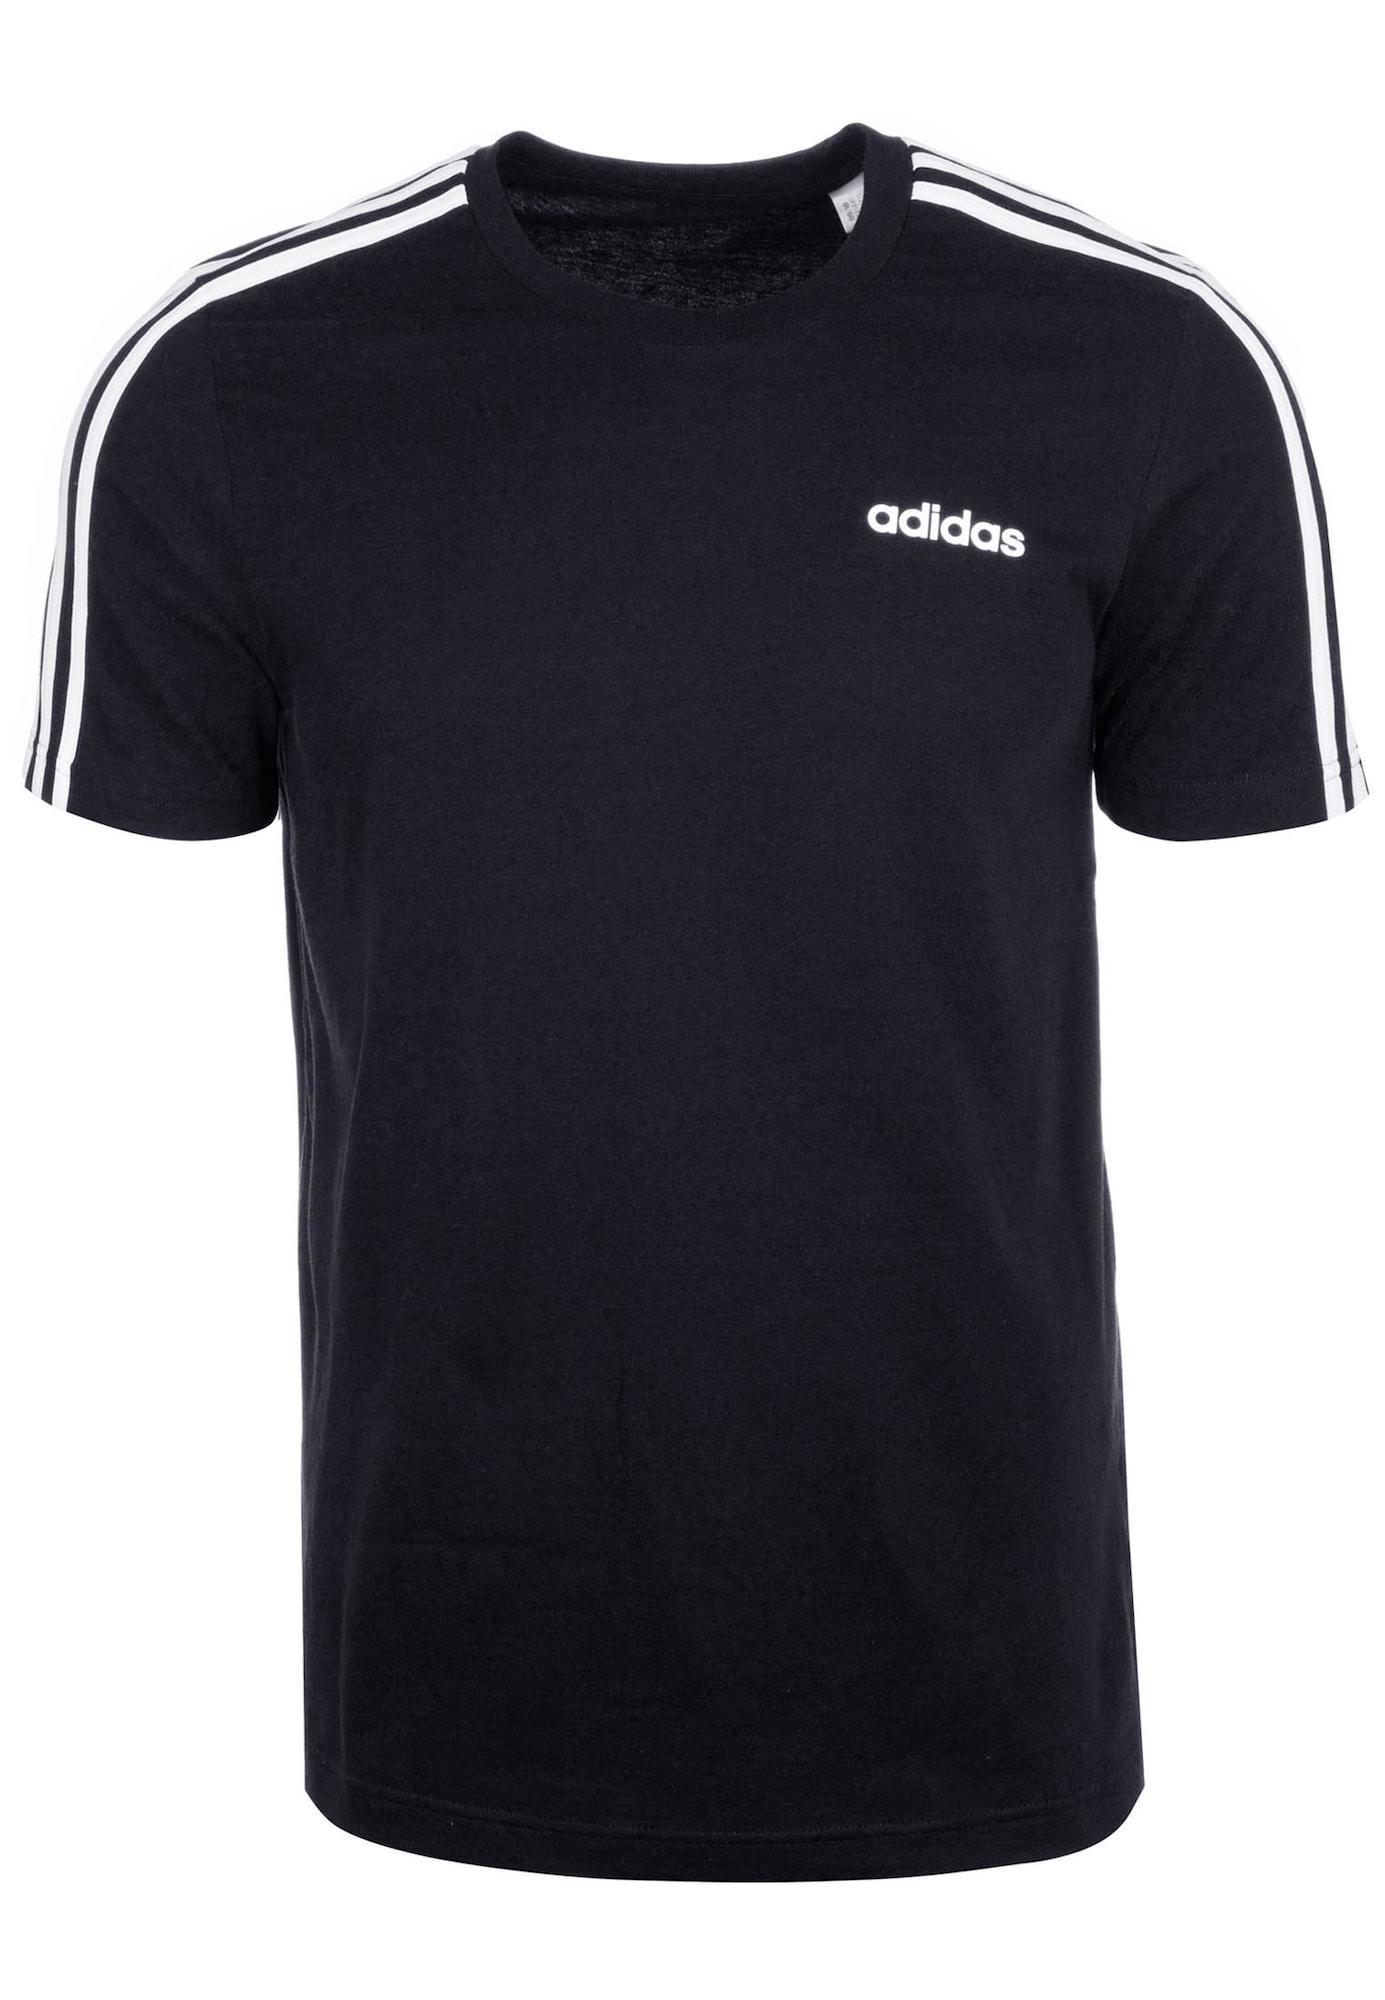 ADIDAS PERFORMANCE Sportiniai marškinėliai 'Essentials 3 Stripes' balta / juoda